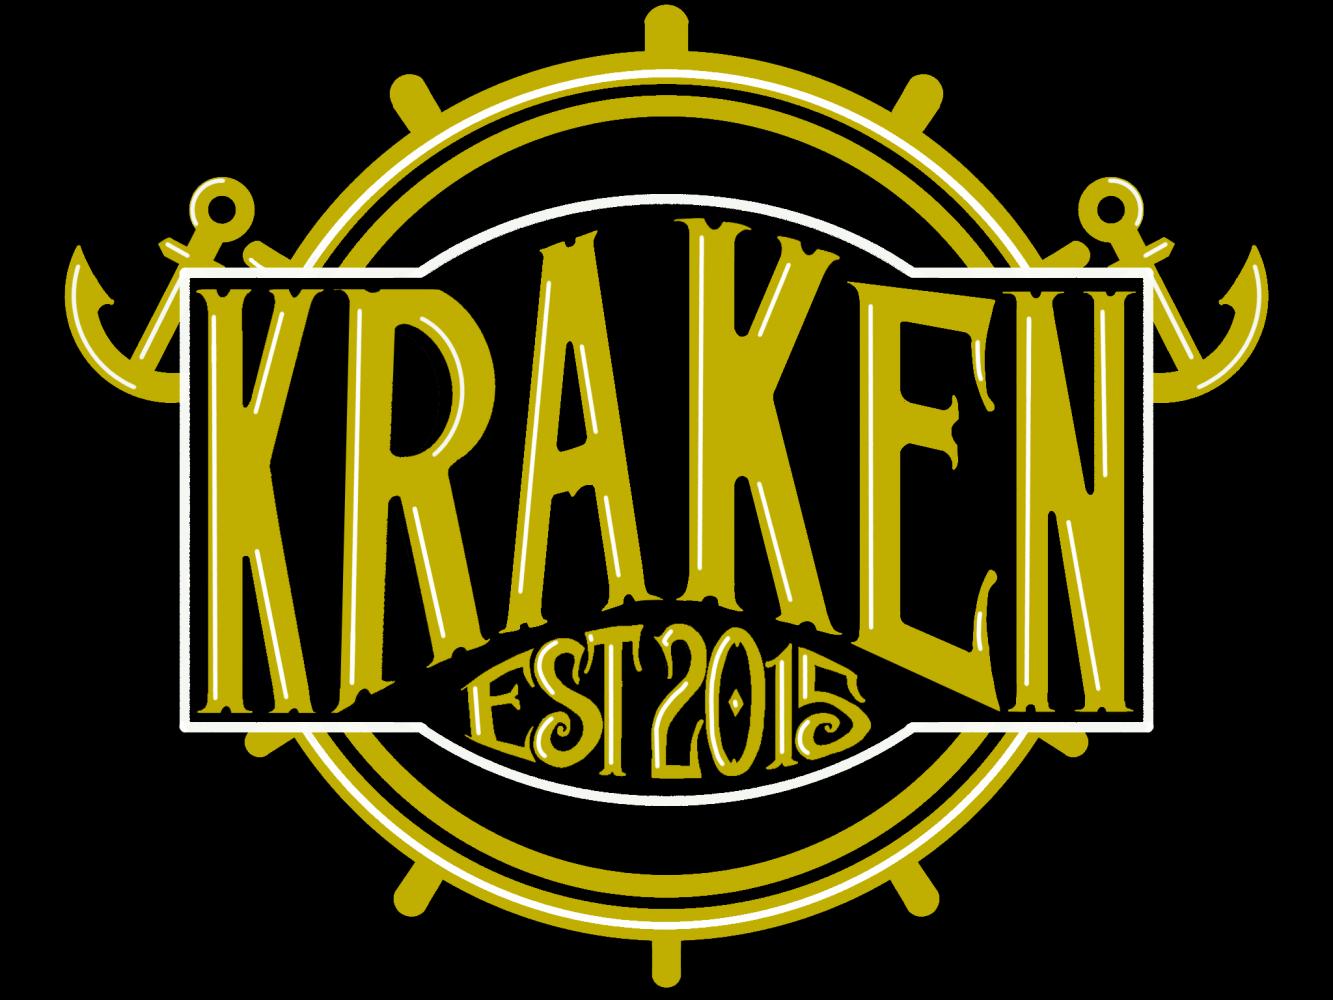 Kraken typograph by LaserTagAlong